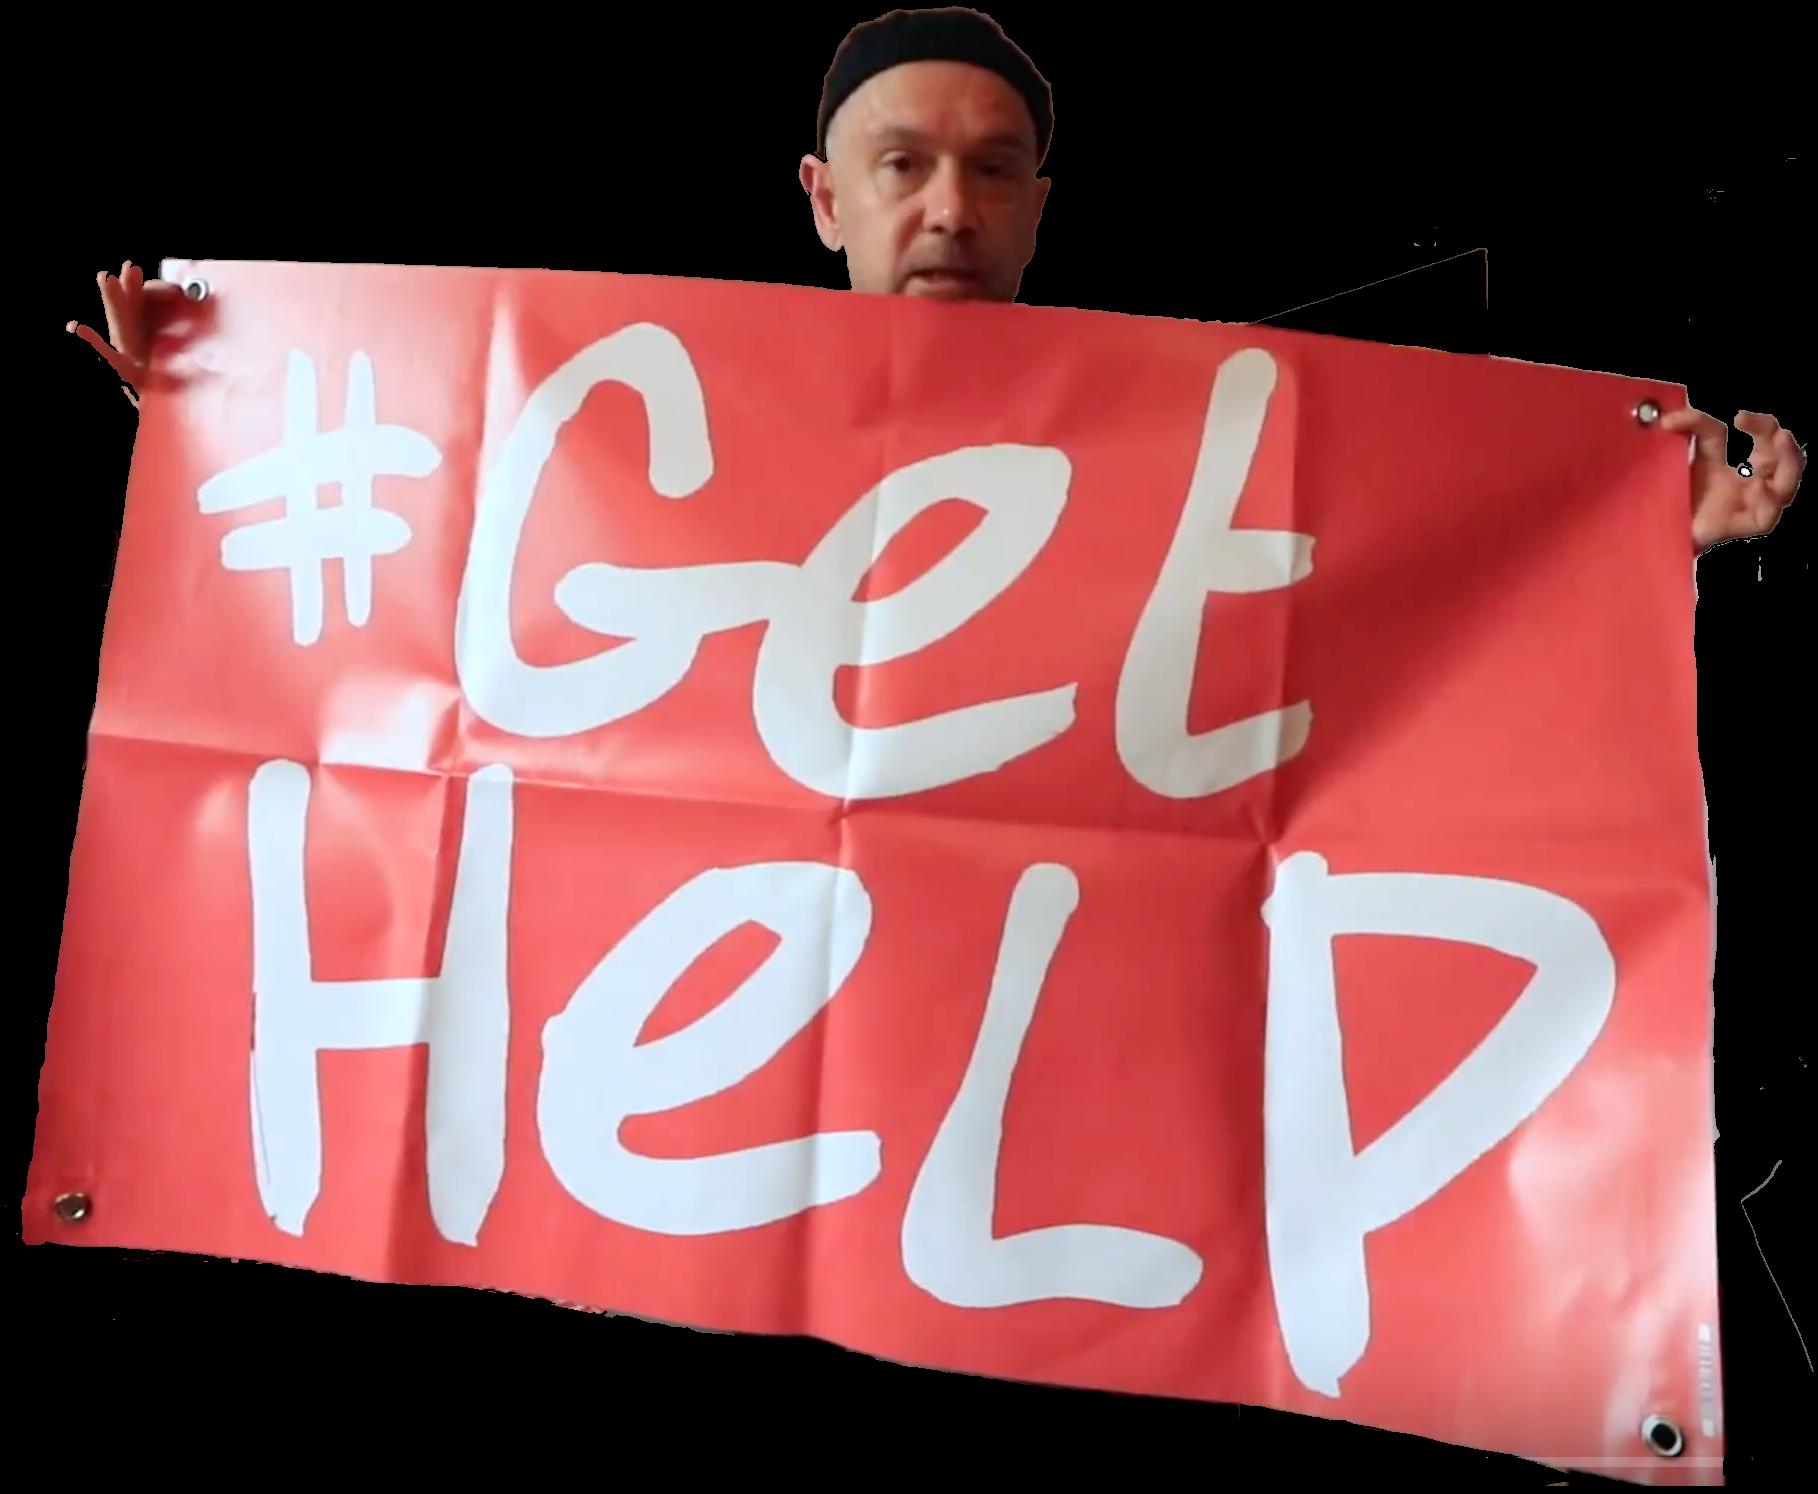 Get help.png